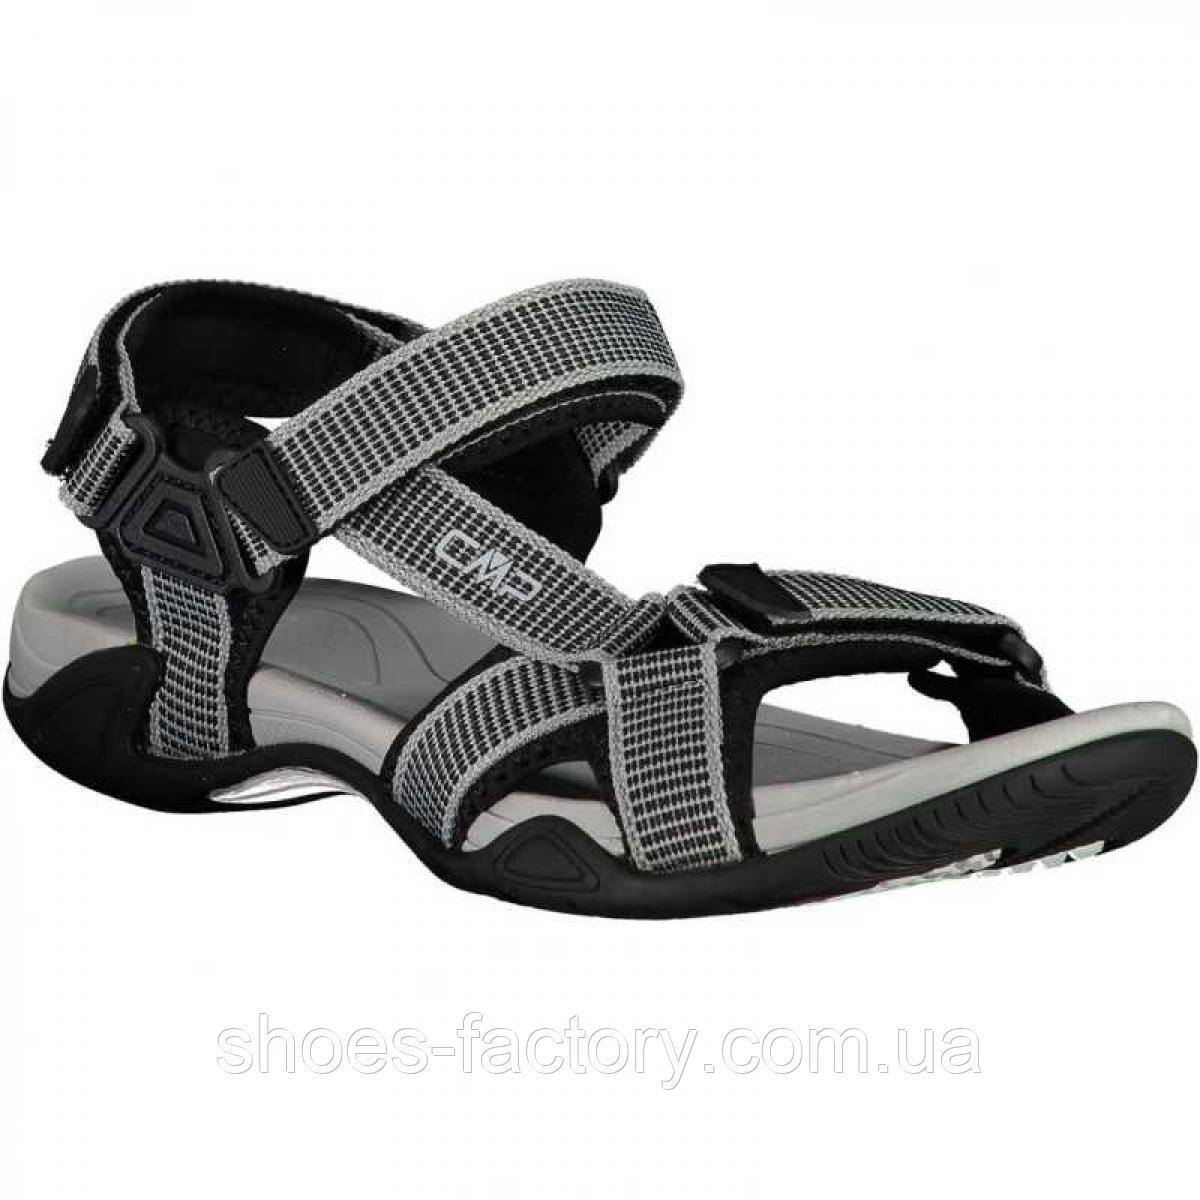 Сандалии мужские CMP Hamal Hiking Sandal, 38Q9957-75UE